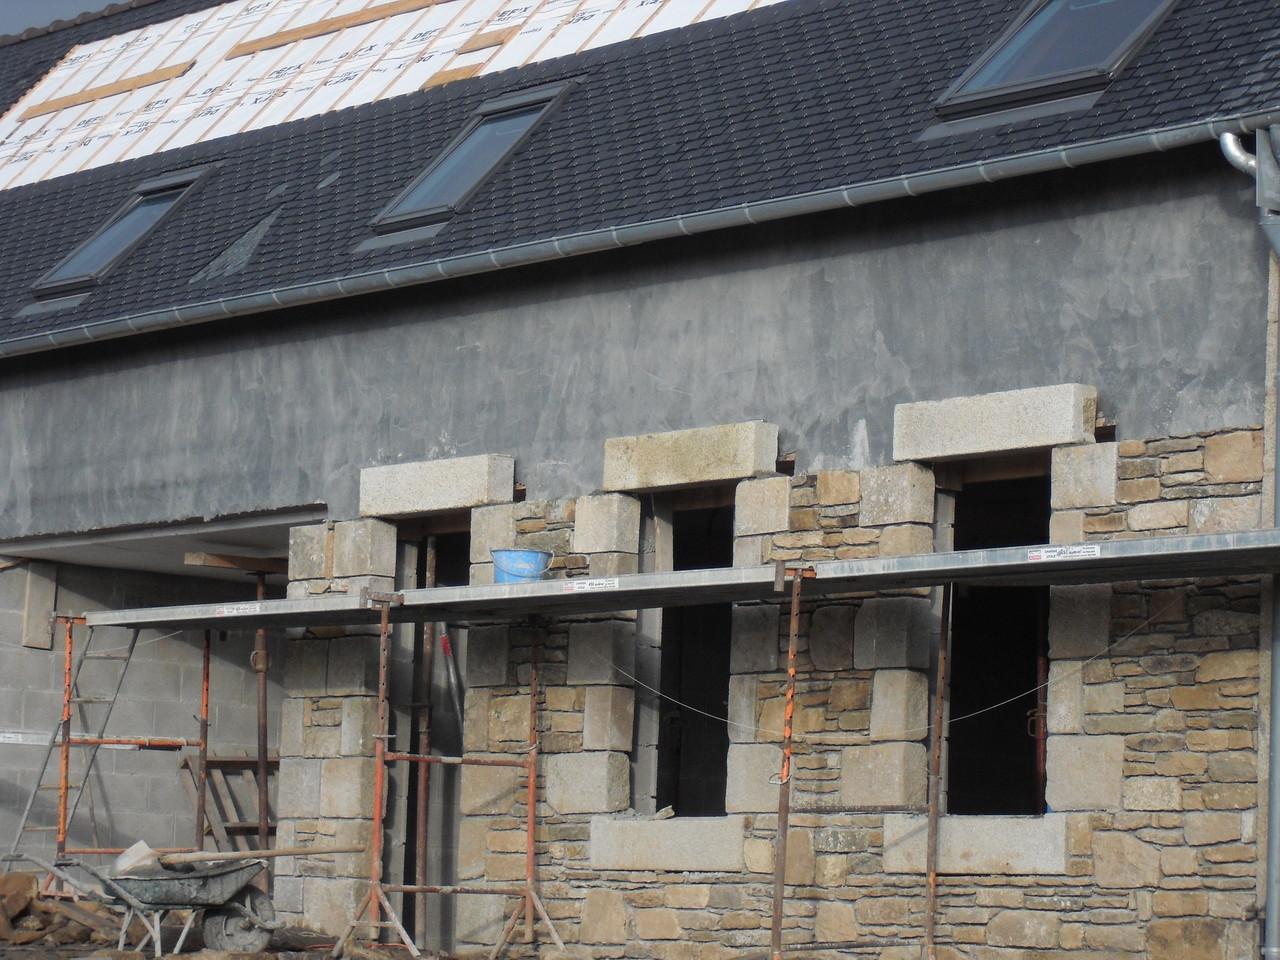 Doublage de la façade en pierres ...